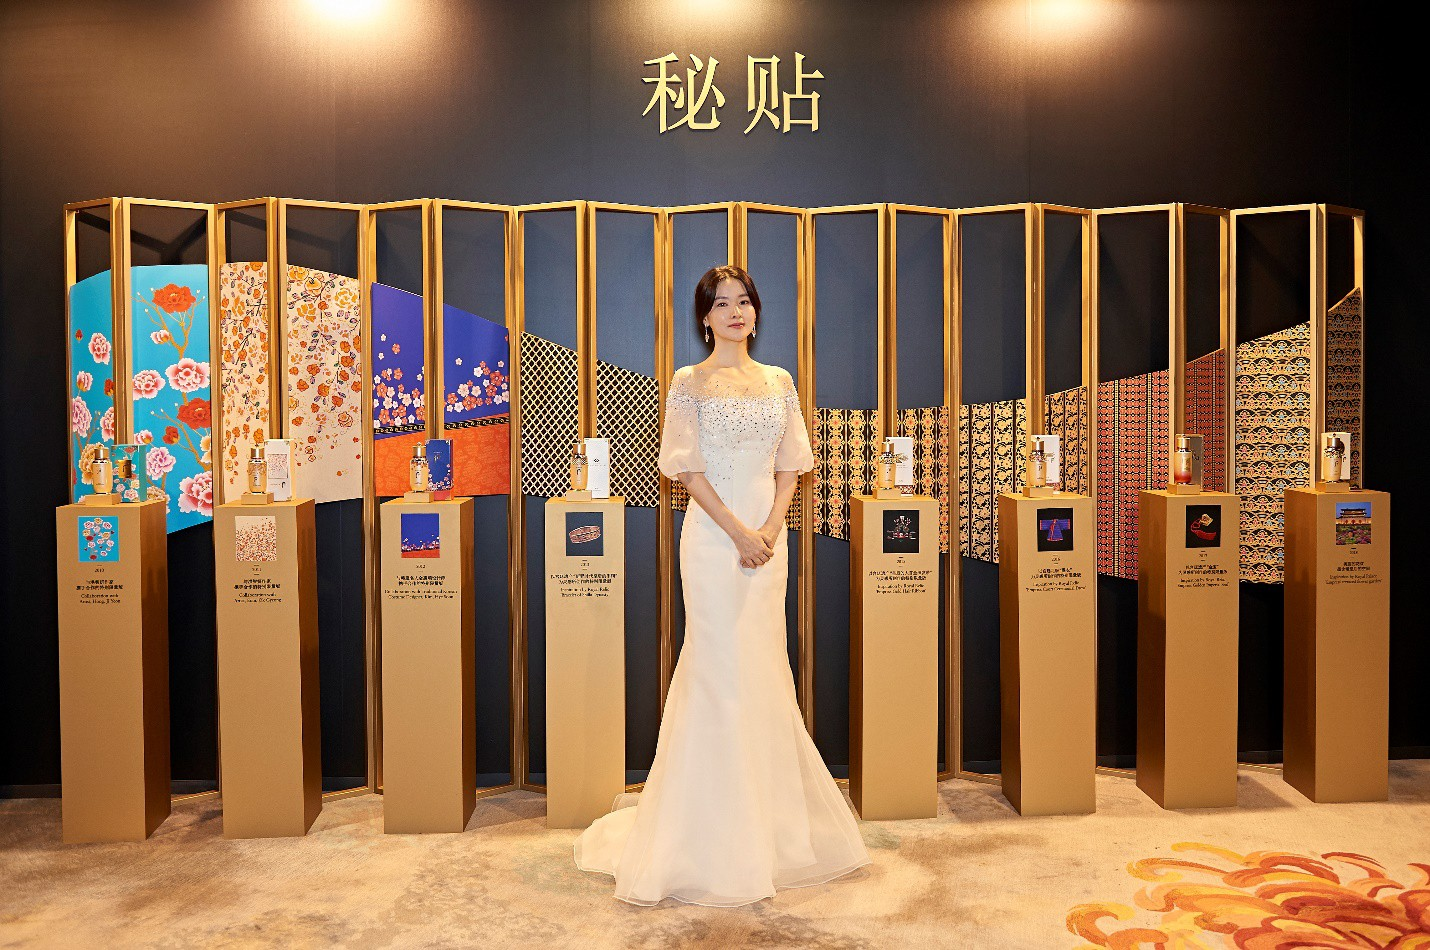 Choáng ngợp trước sự kiện toàn cầu lộng lẫy xa hoa của The history of Whoo tại Thượng Hải - Ảnh 3.